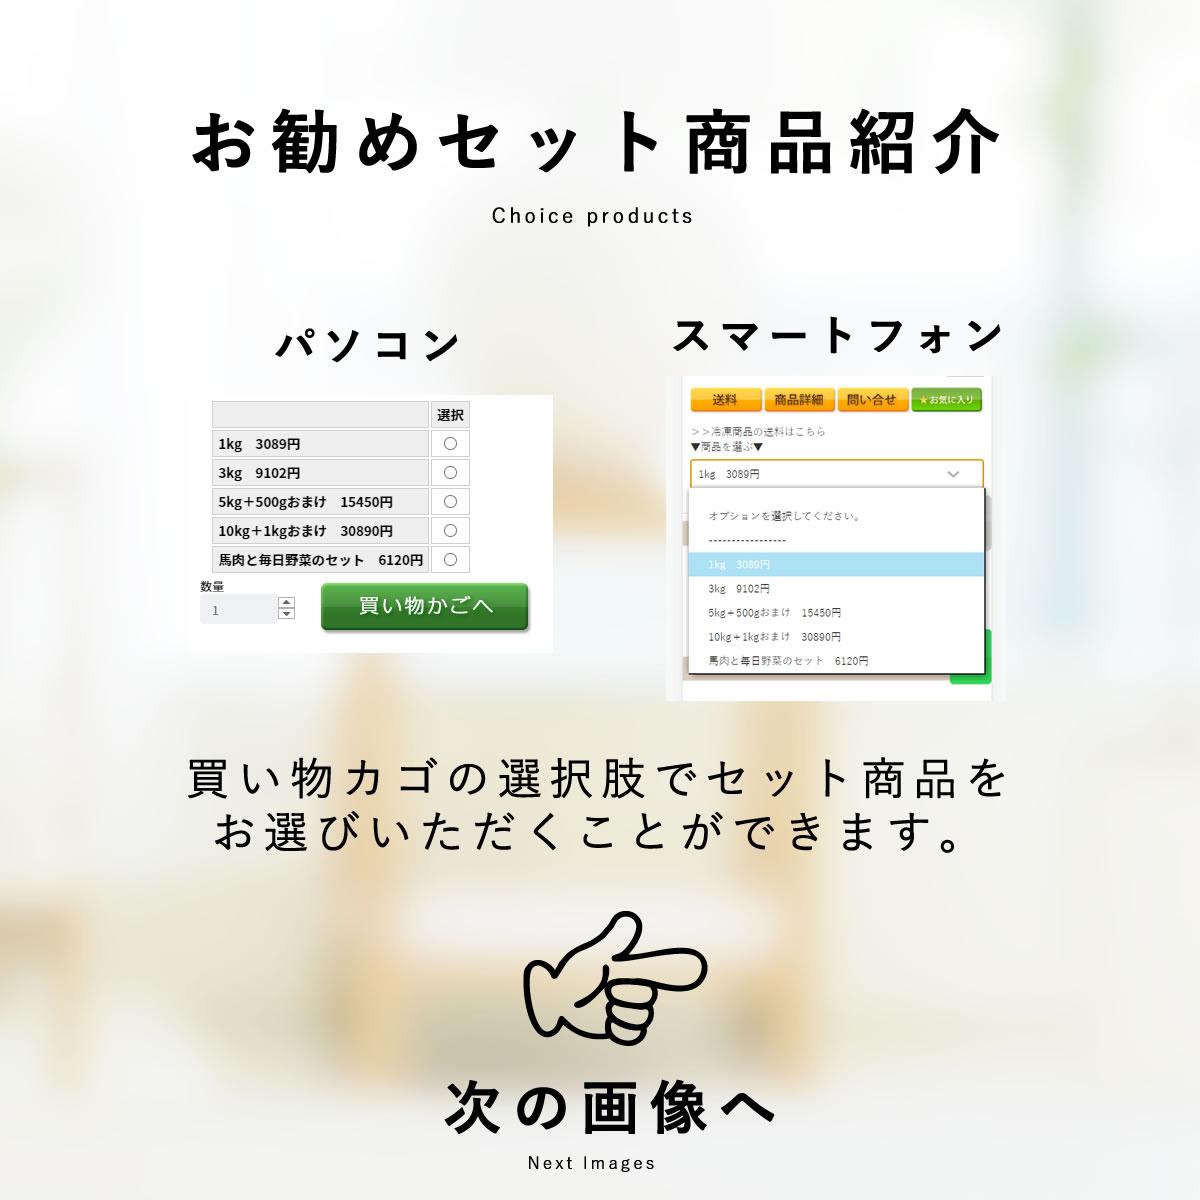 愛犬用手作り食 低リンで腎臓に優しい7食Cセット【ハウンドカム食堂】【腎臓に優しい低リン7食】